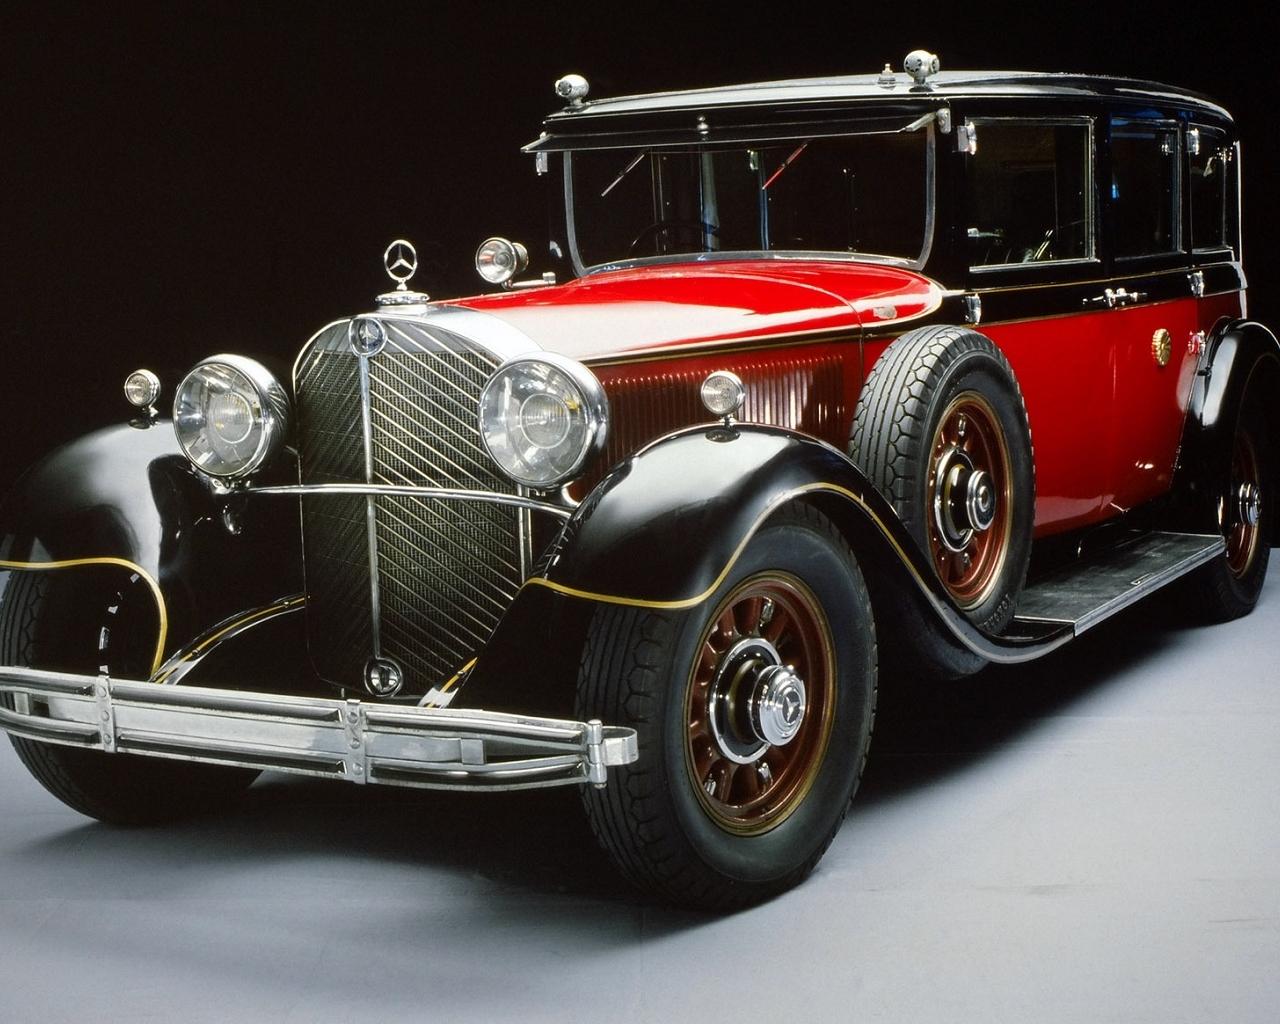 Beautiful Wallpapers: Old Car Wallpaper